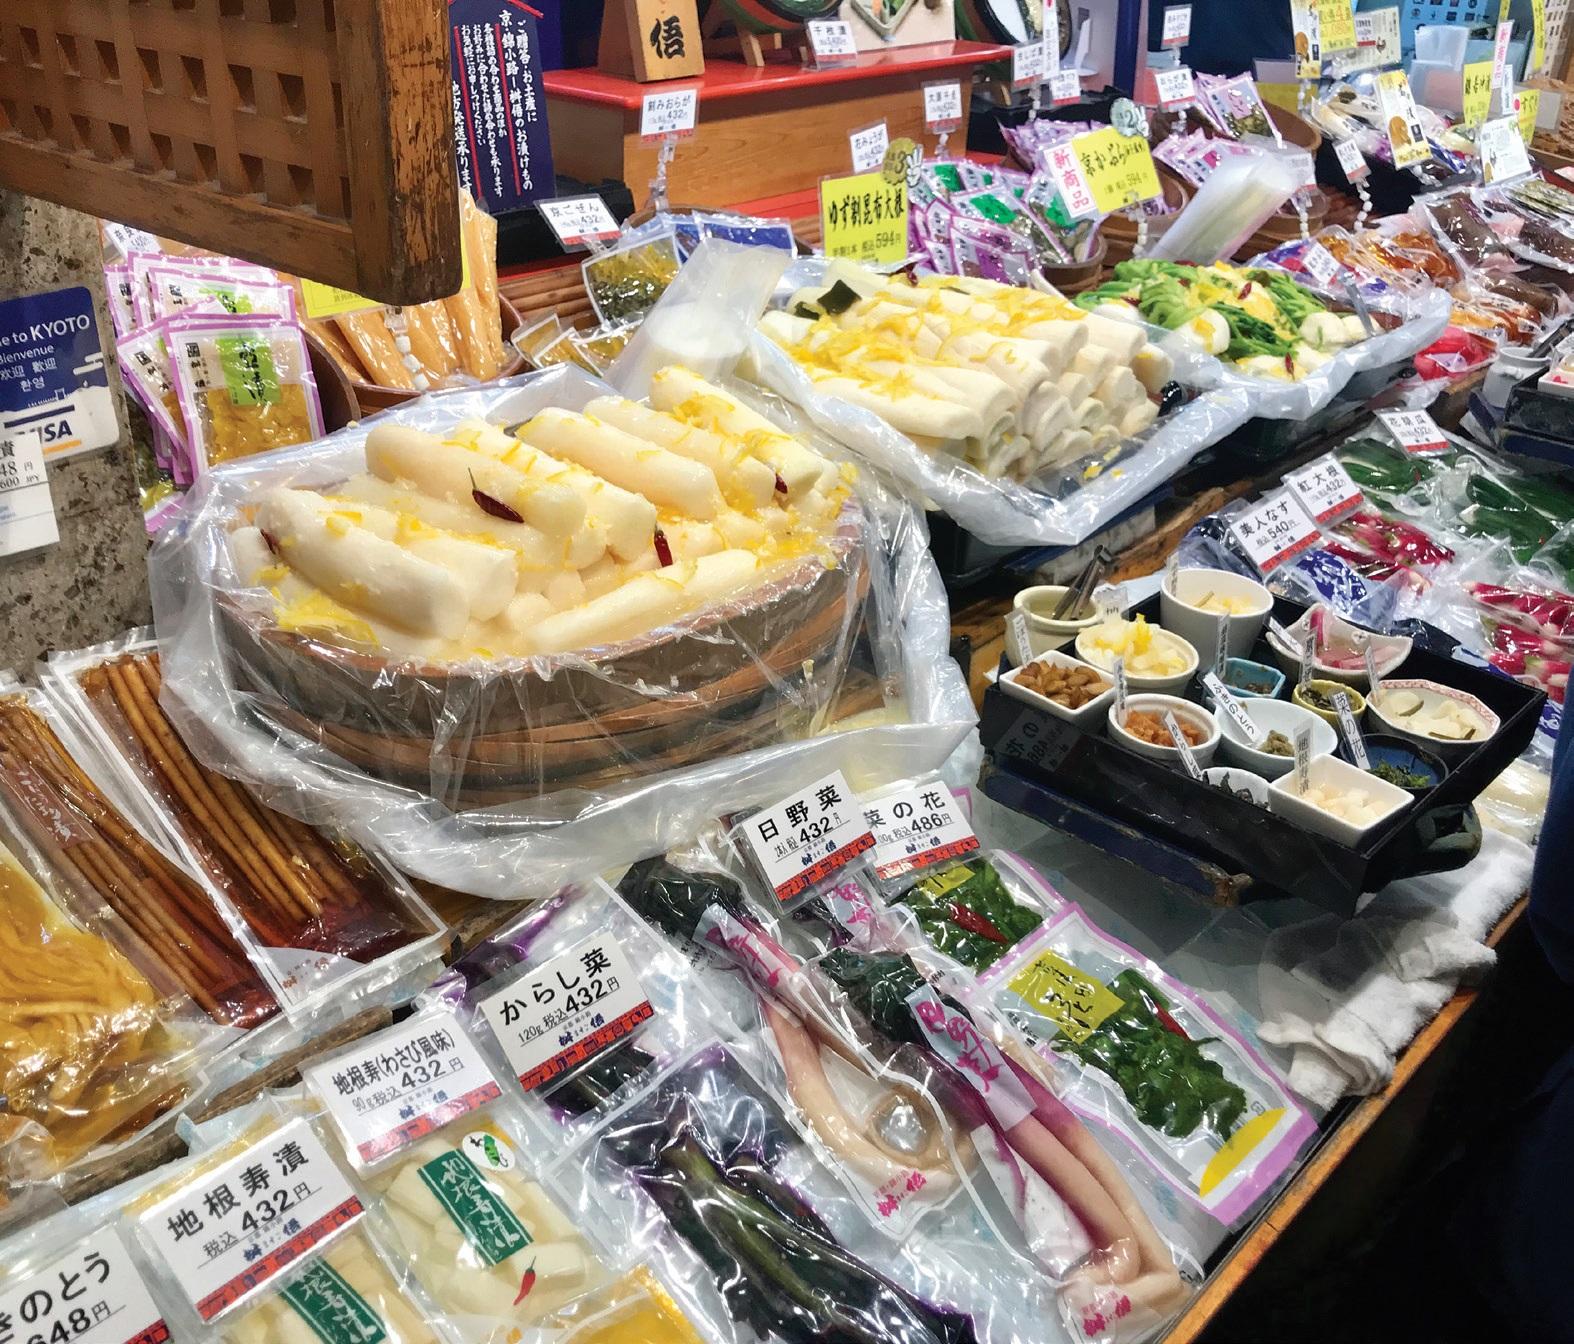 Nuo seno japonai fermentuoja įvairiausias daržoves bei šaknis